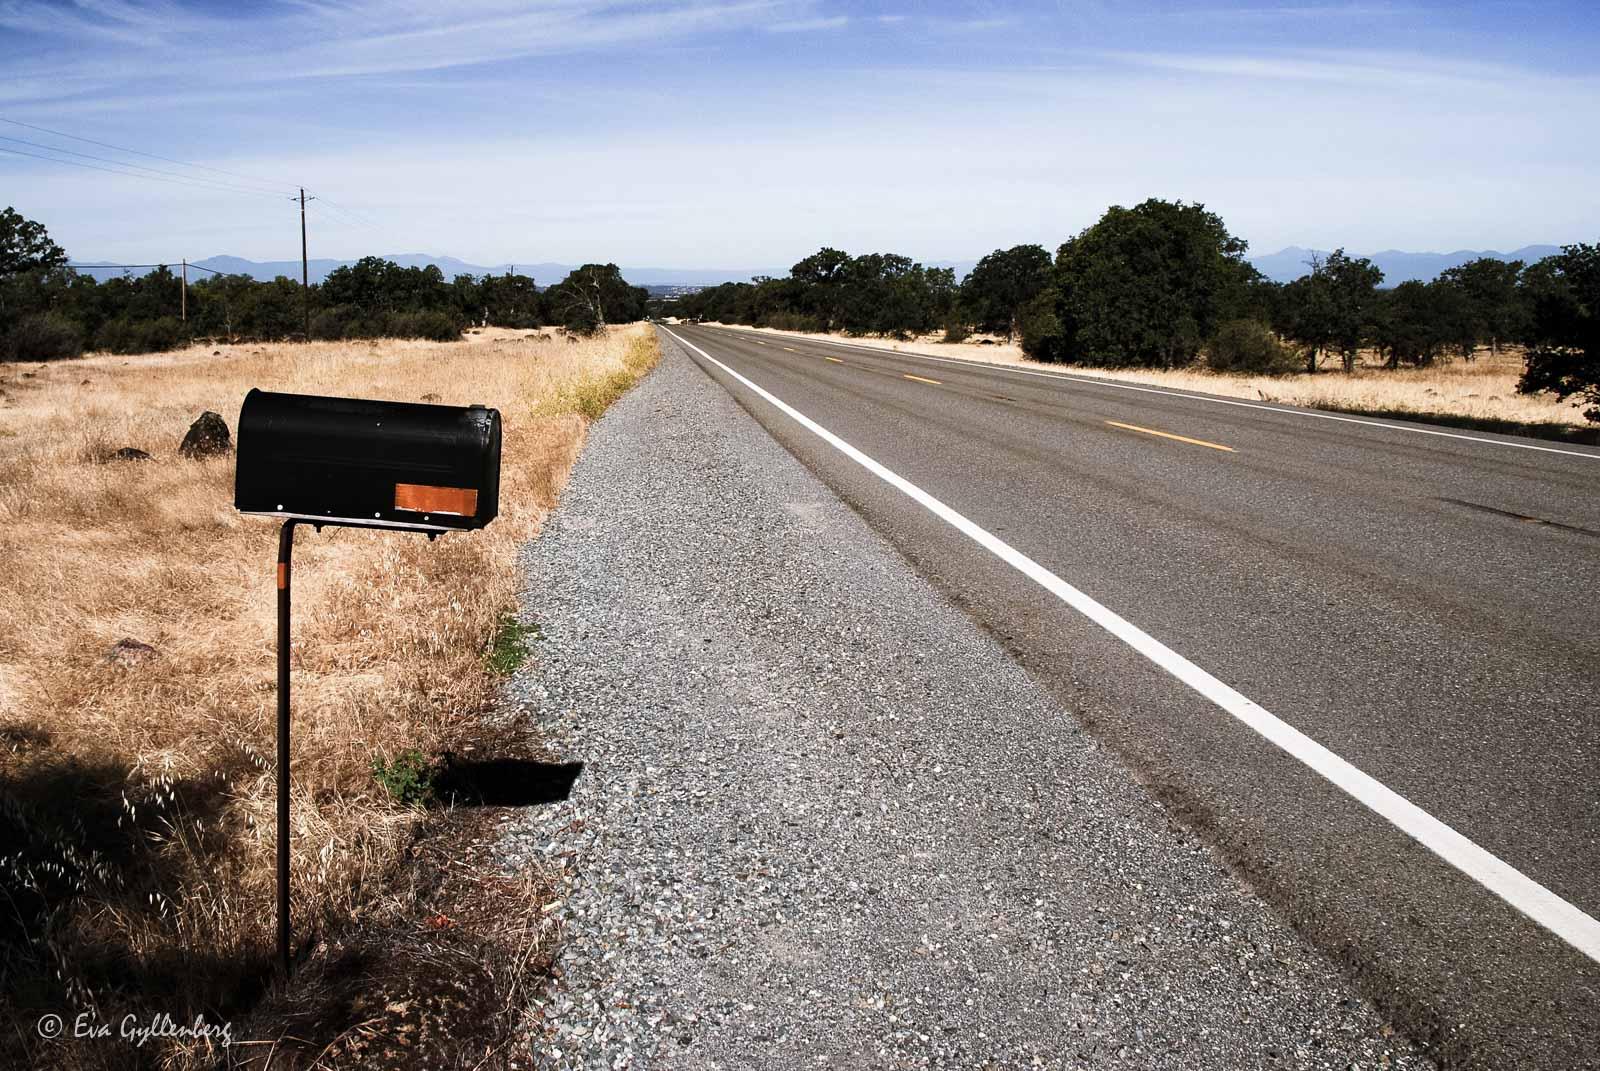 Bildsemester del 1 - Kalifornien i bilder 101